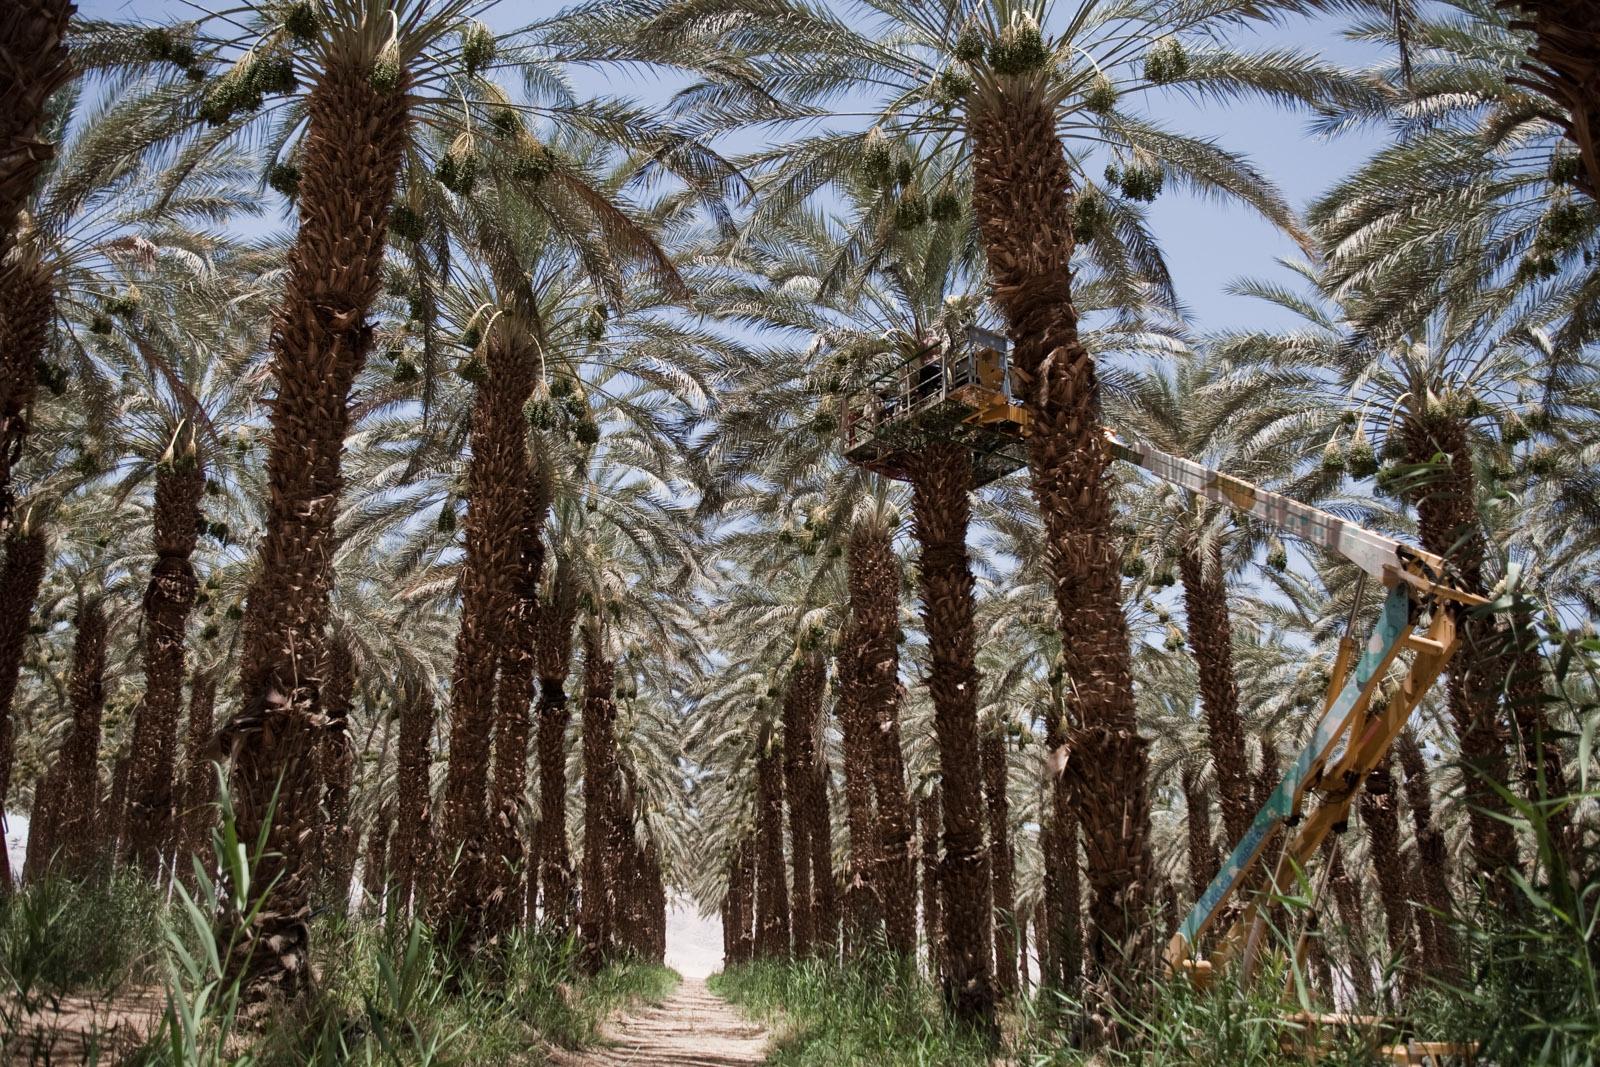 Les plantations de palmiers-dattiers, entièrement bios.